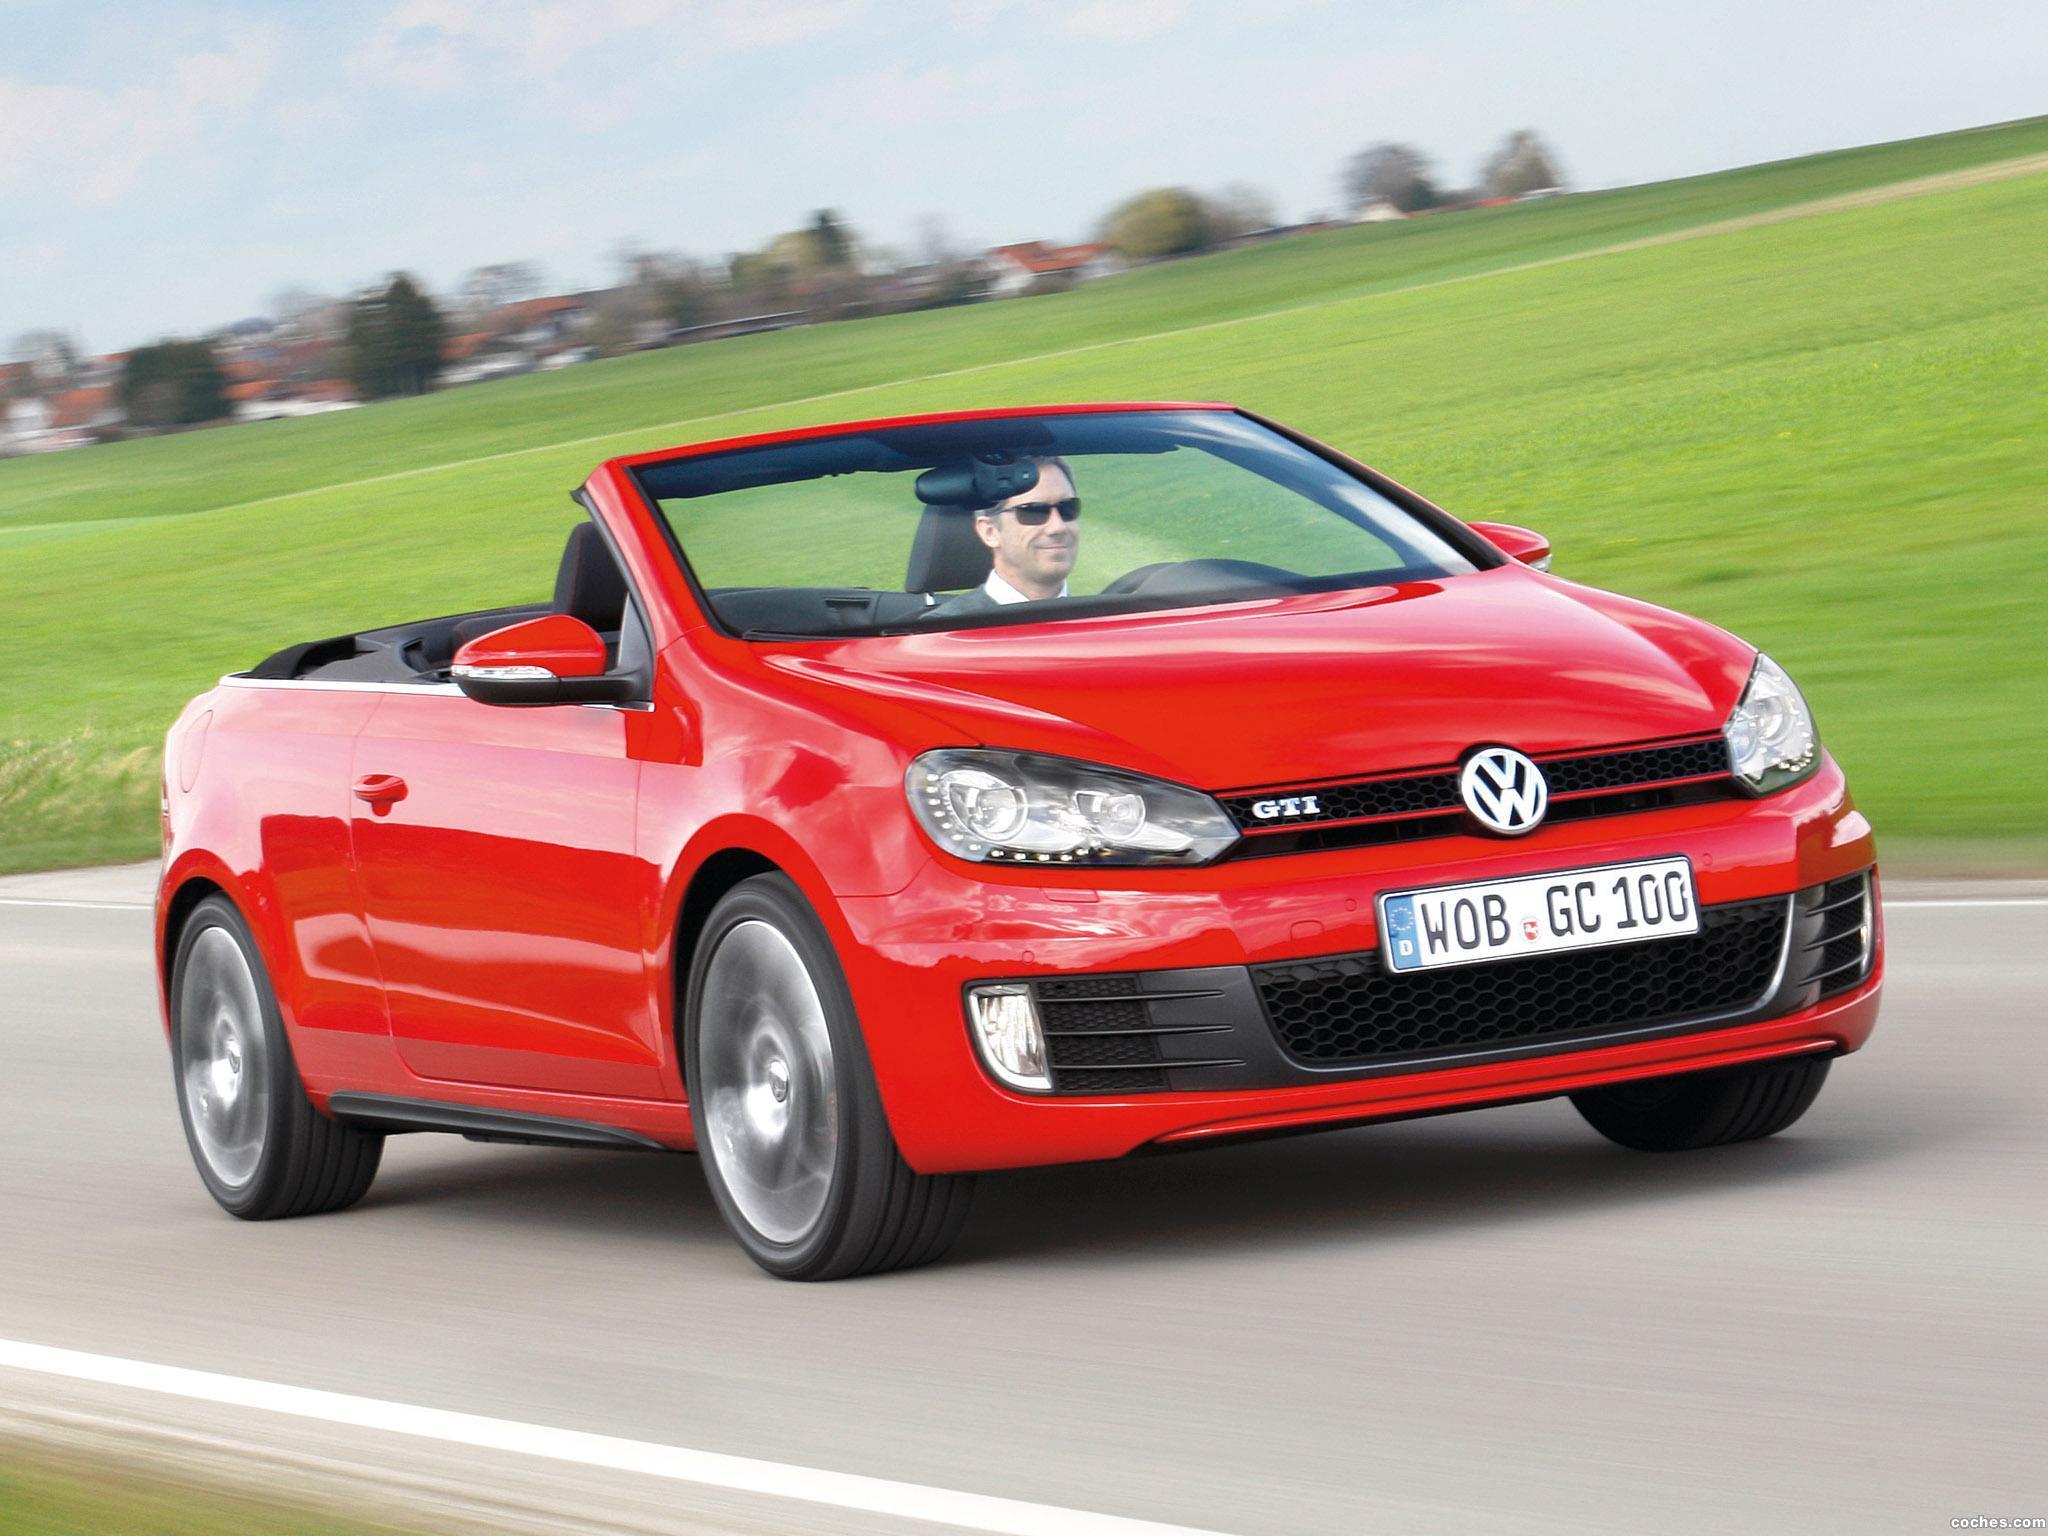 Foto 26 de Volkswagen Golf VI GTI Cabriolet 2012